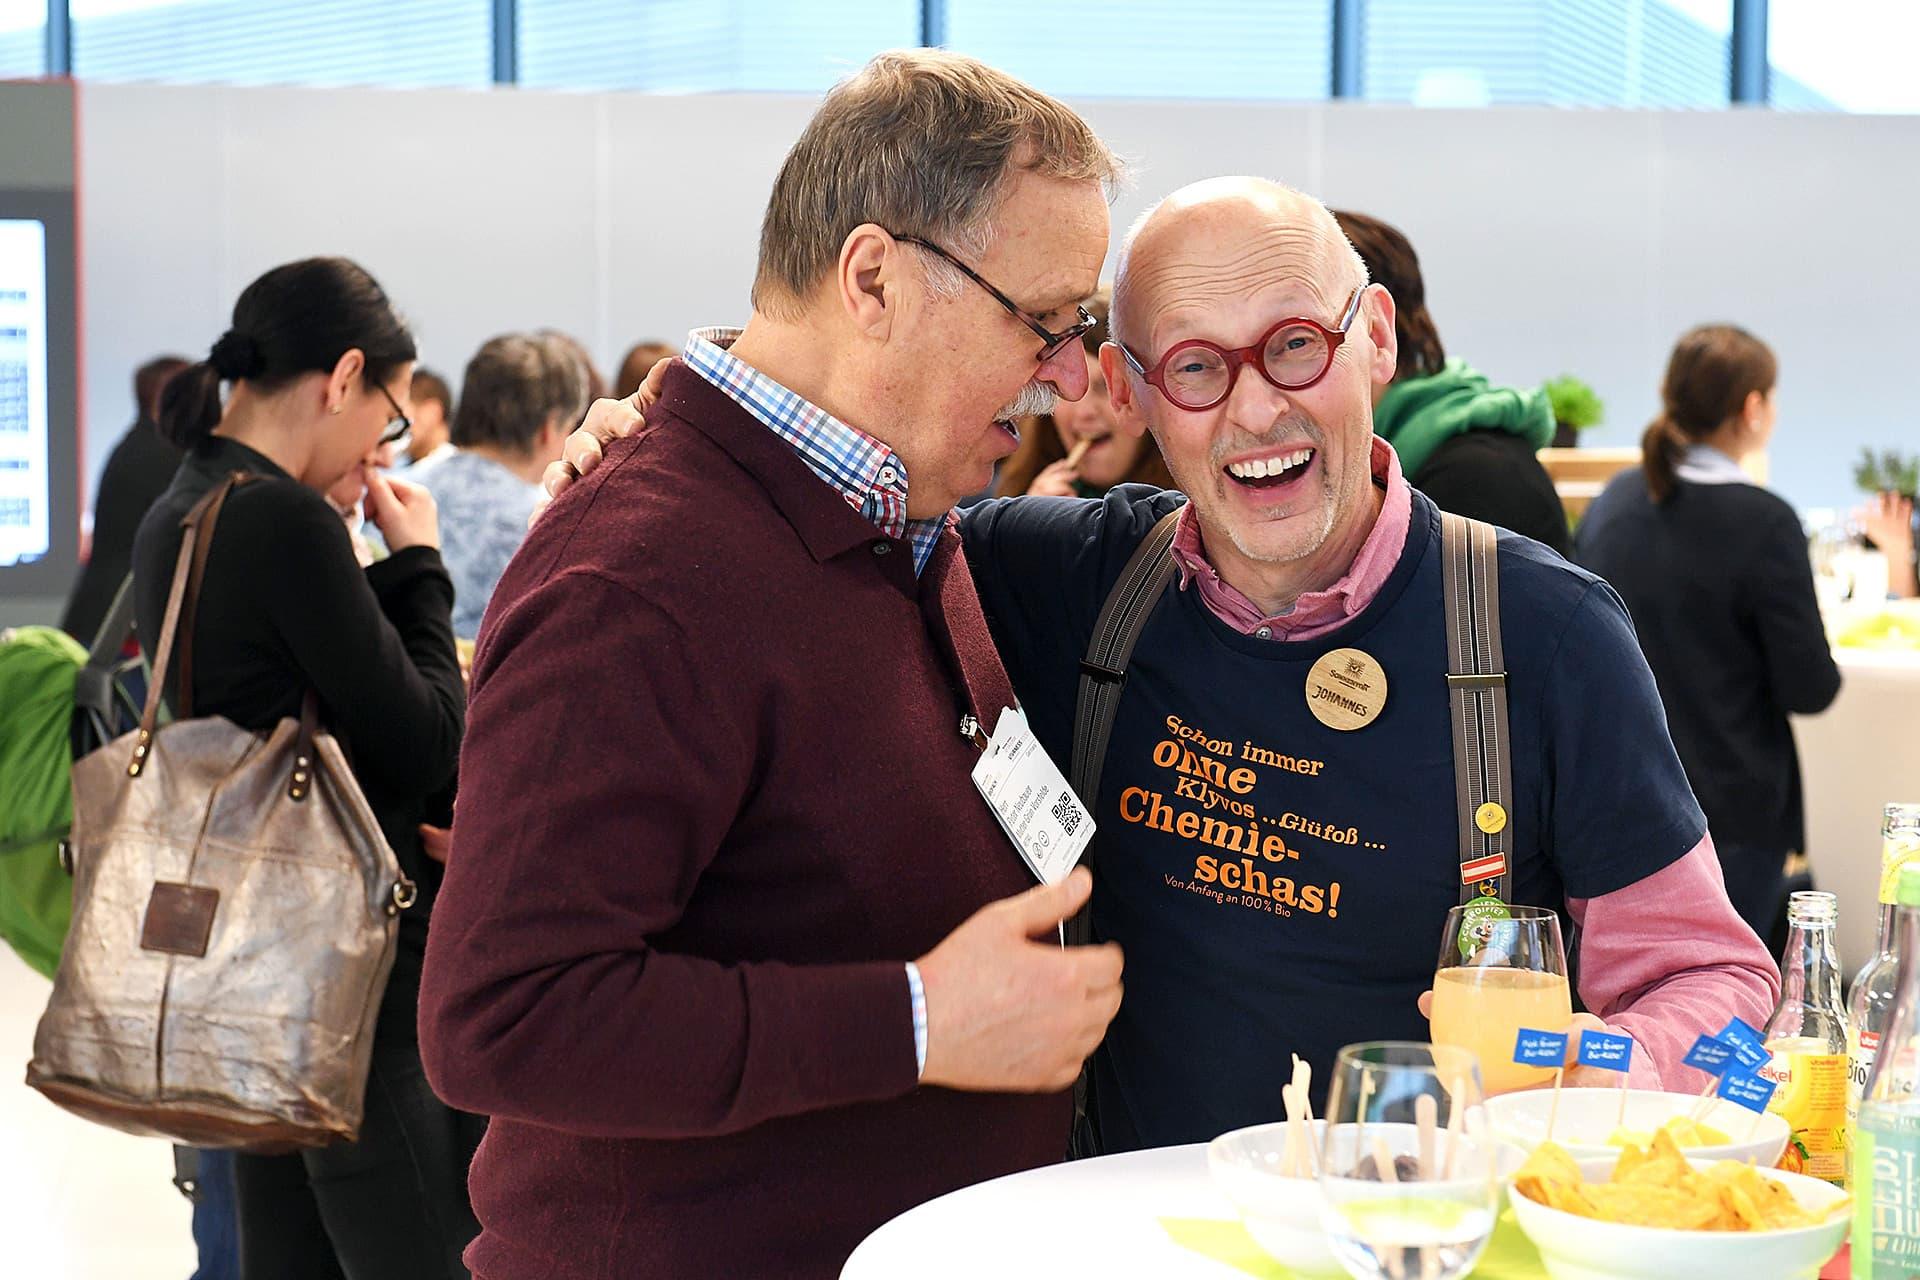 Sonnentor-Firmengründer Johannes Gutmann lacht während eines Gesprächs in die Kamera.